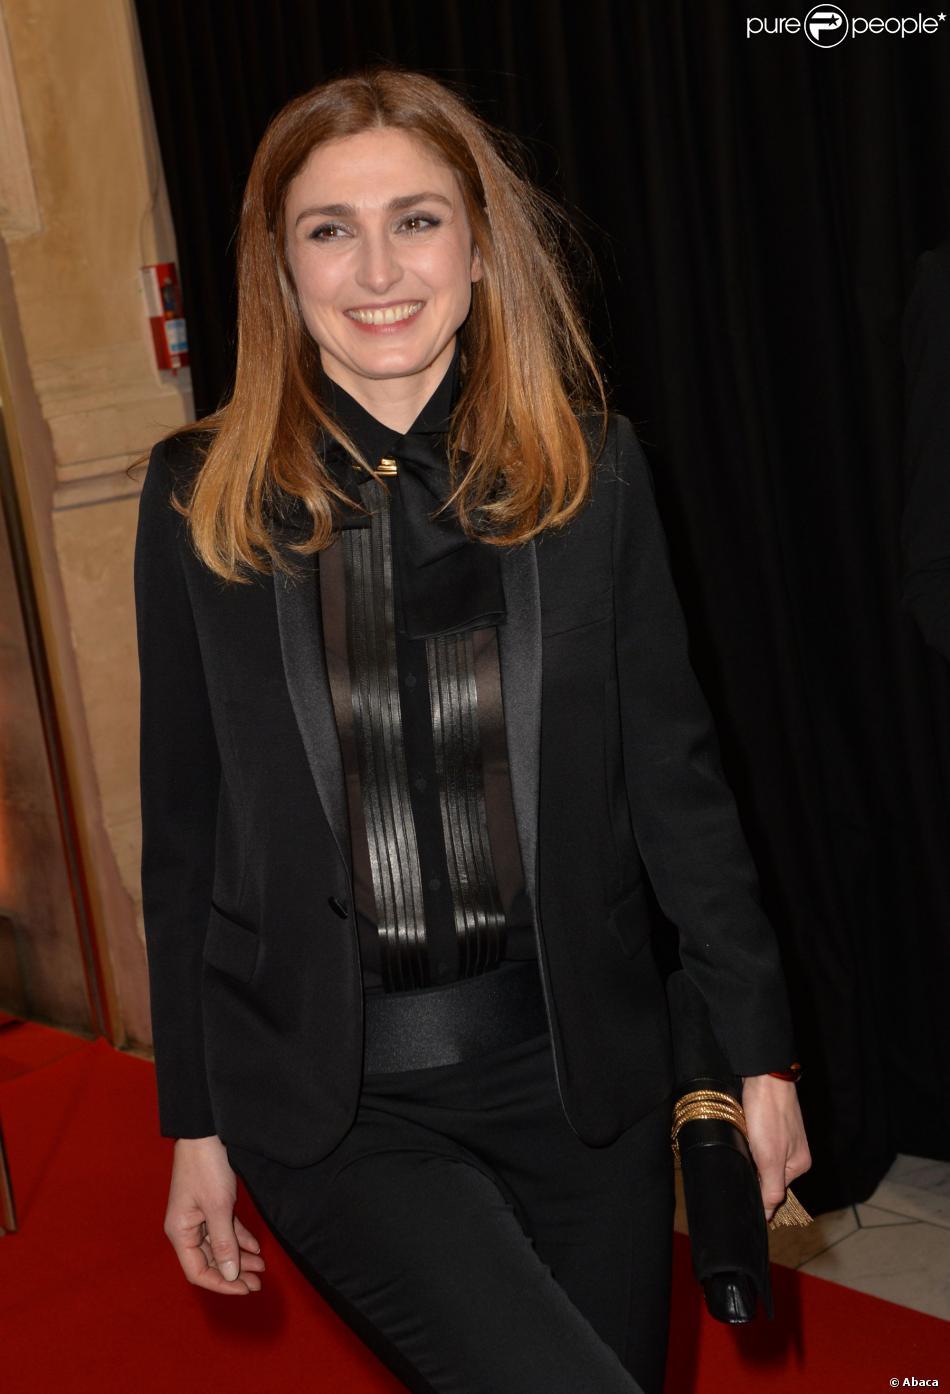 Julie Gayet, nommée comme meilleure actrice dans un second rôle (Quai d'Orsay) mais perdante, lors de la cérémonie des César le 28 février 2014